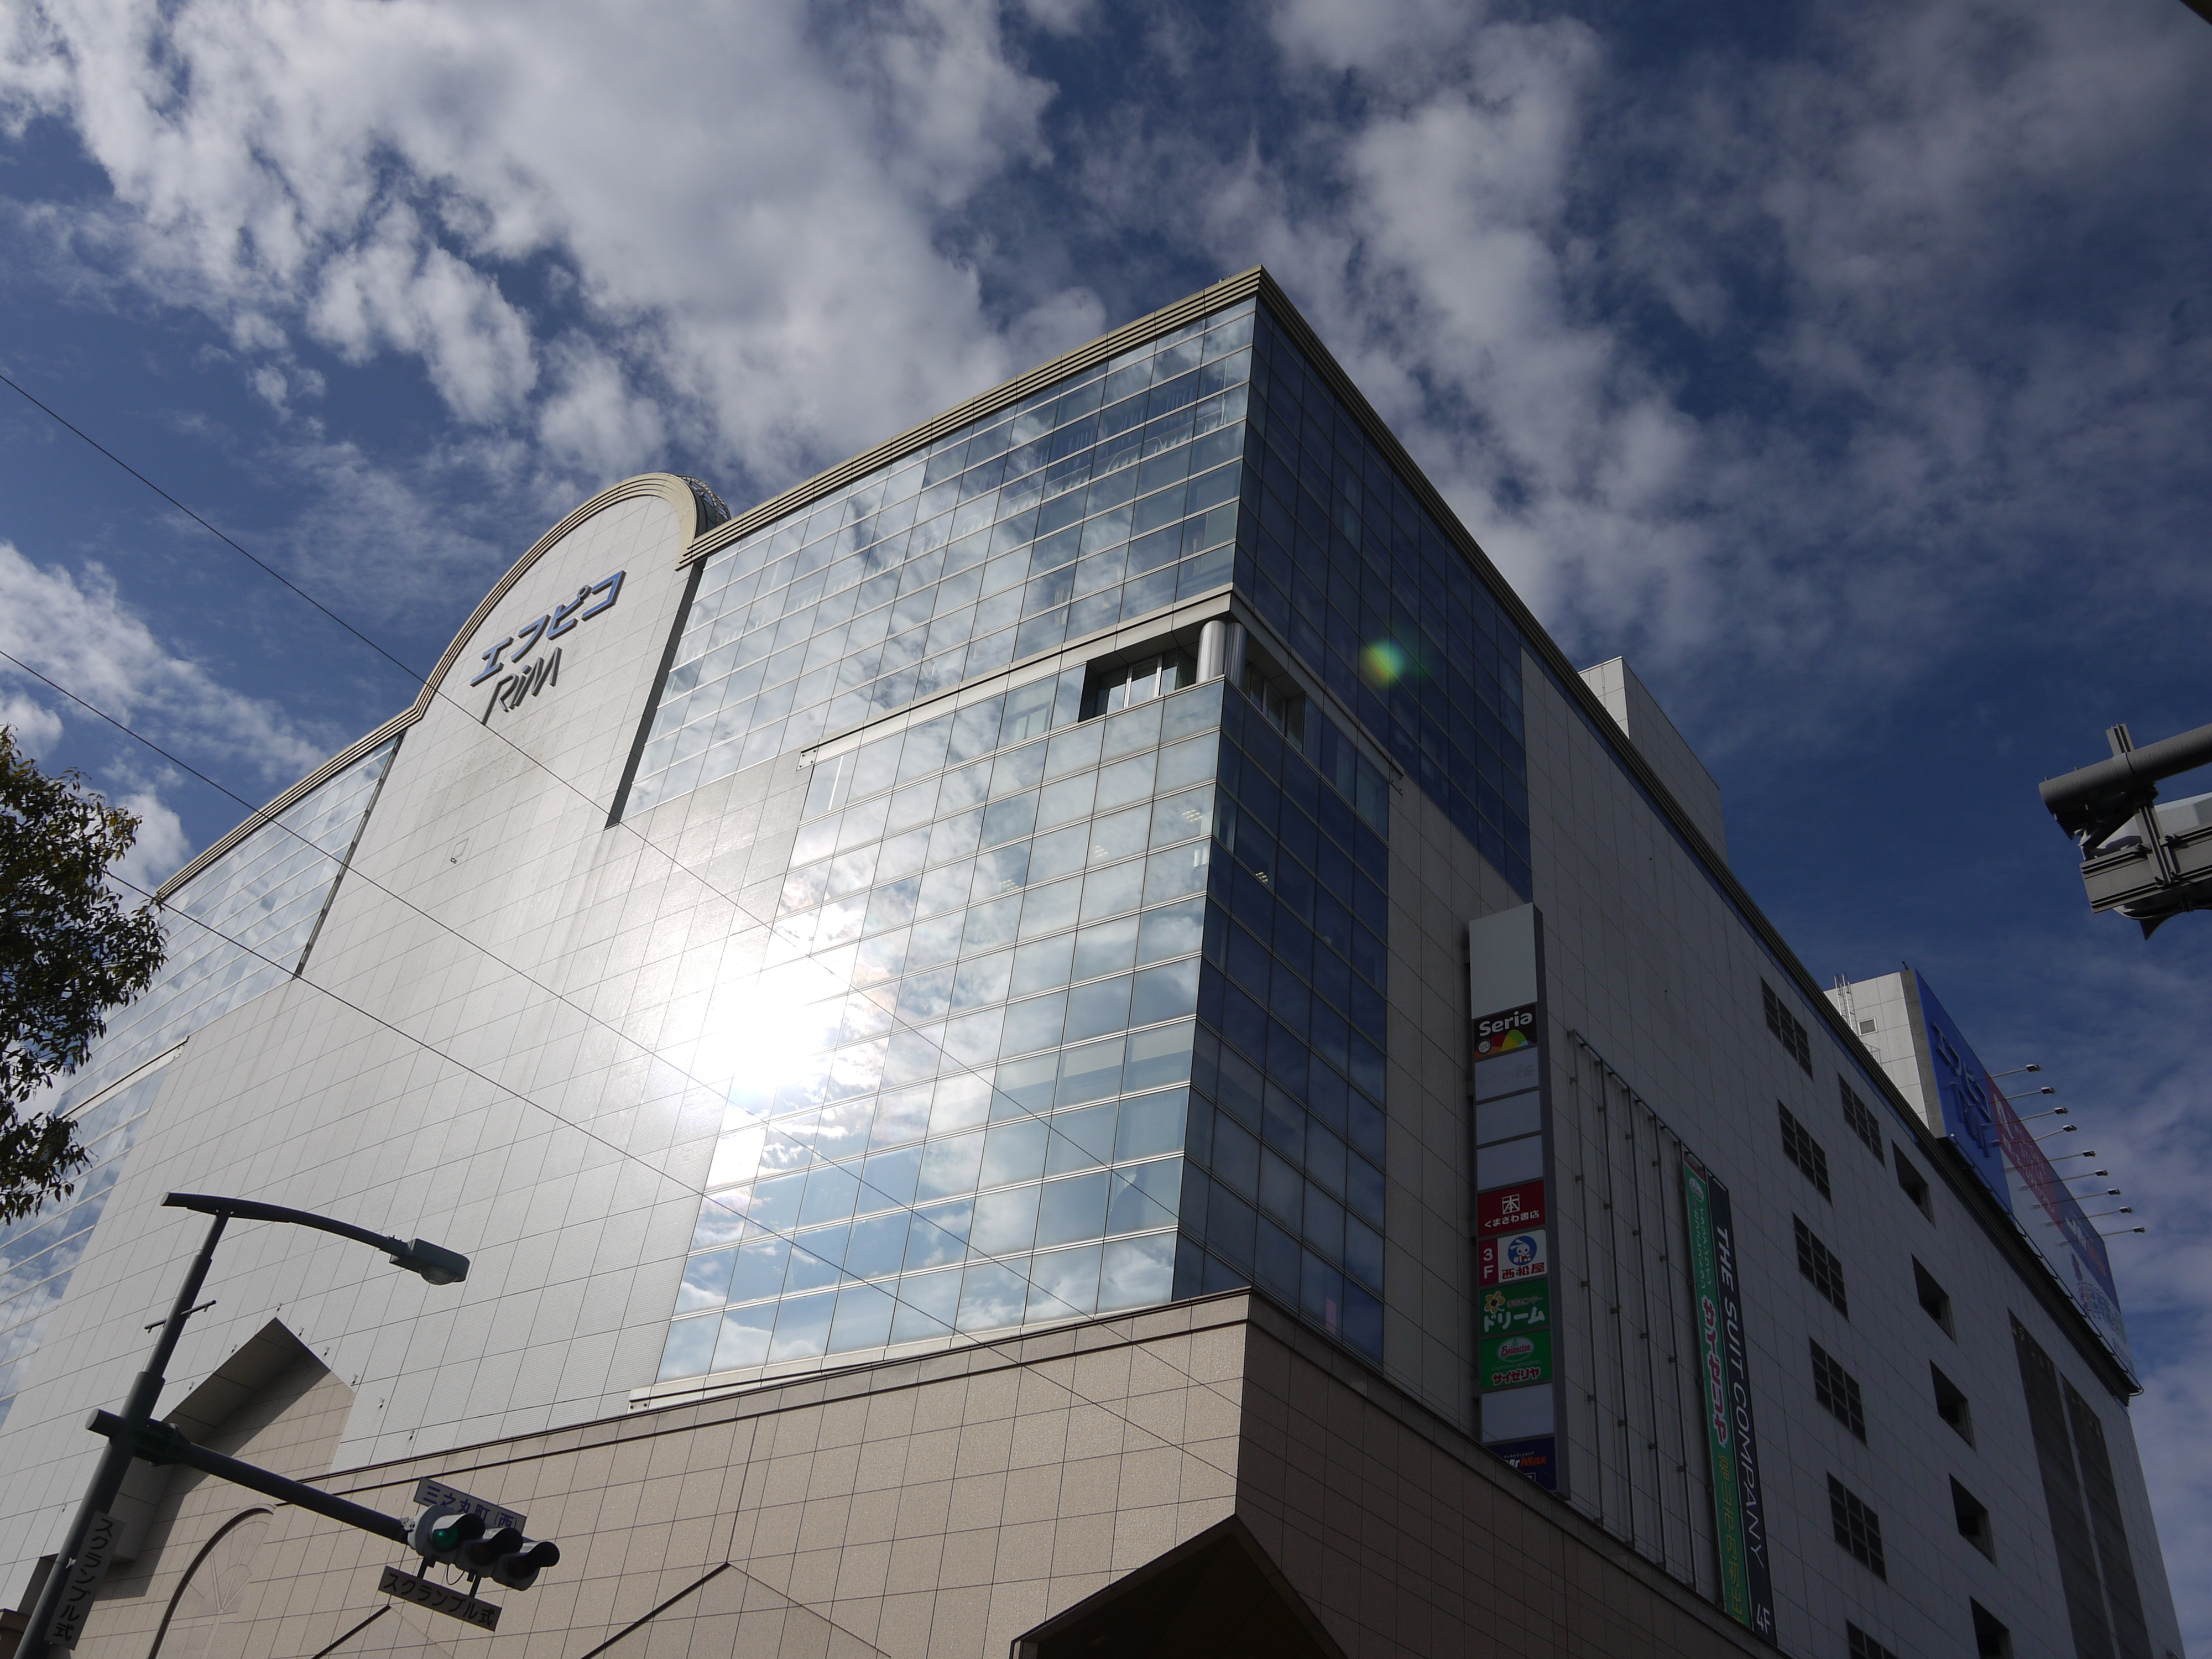 「エフピコRiM(リム)」が来年8月に閉店